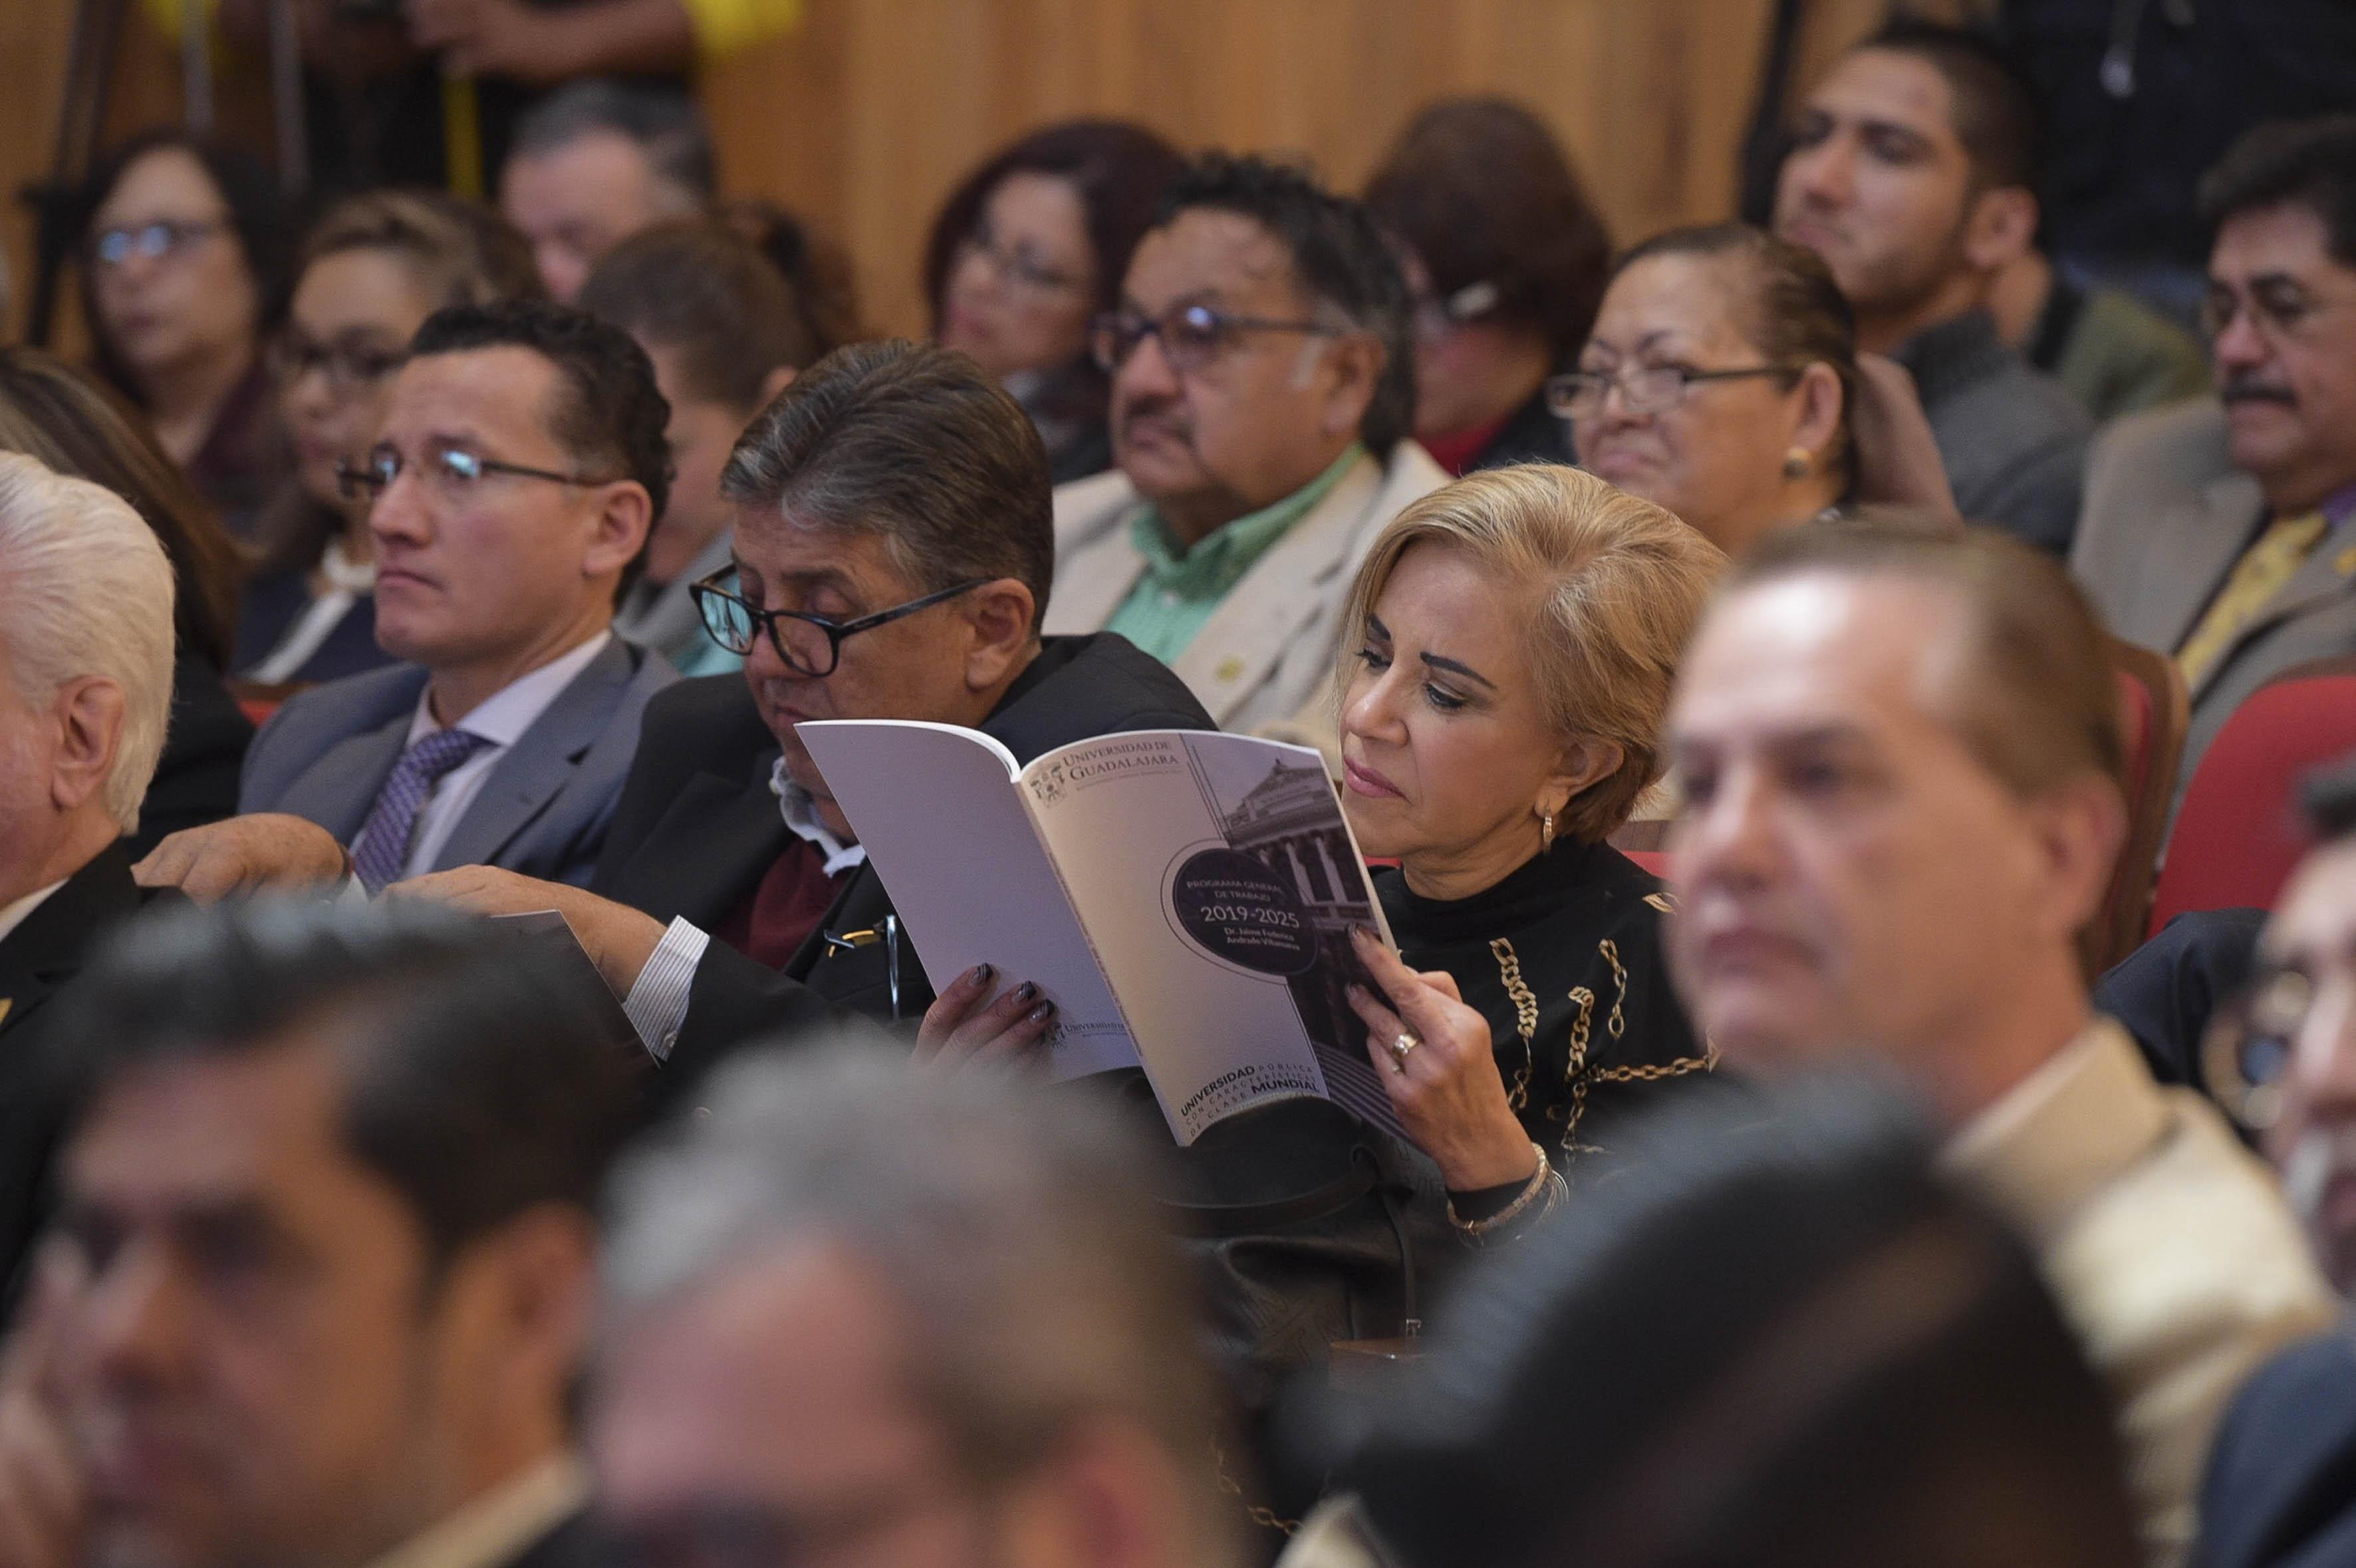 Consejera universitaria leyendo el documento del Plan de Trabajo 2019-2025 del Dr. Jaime Andrade